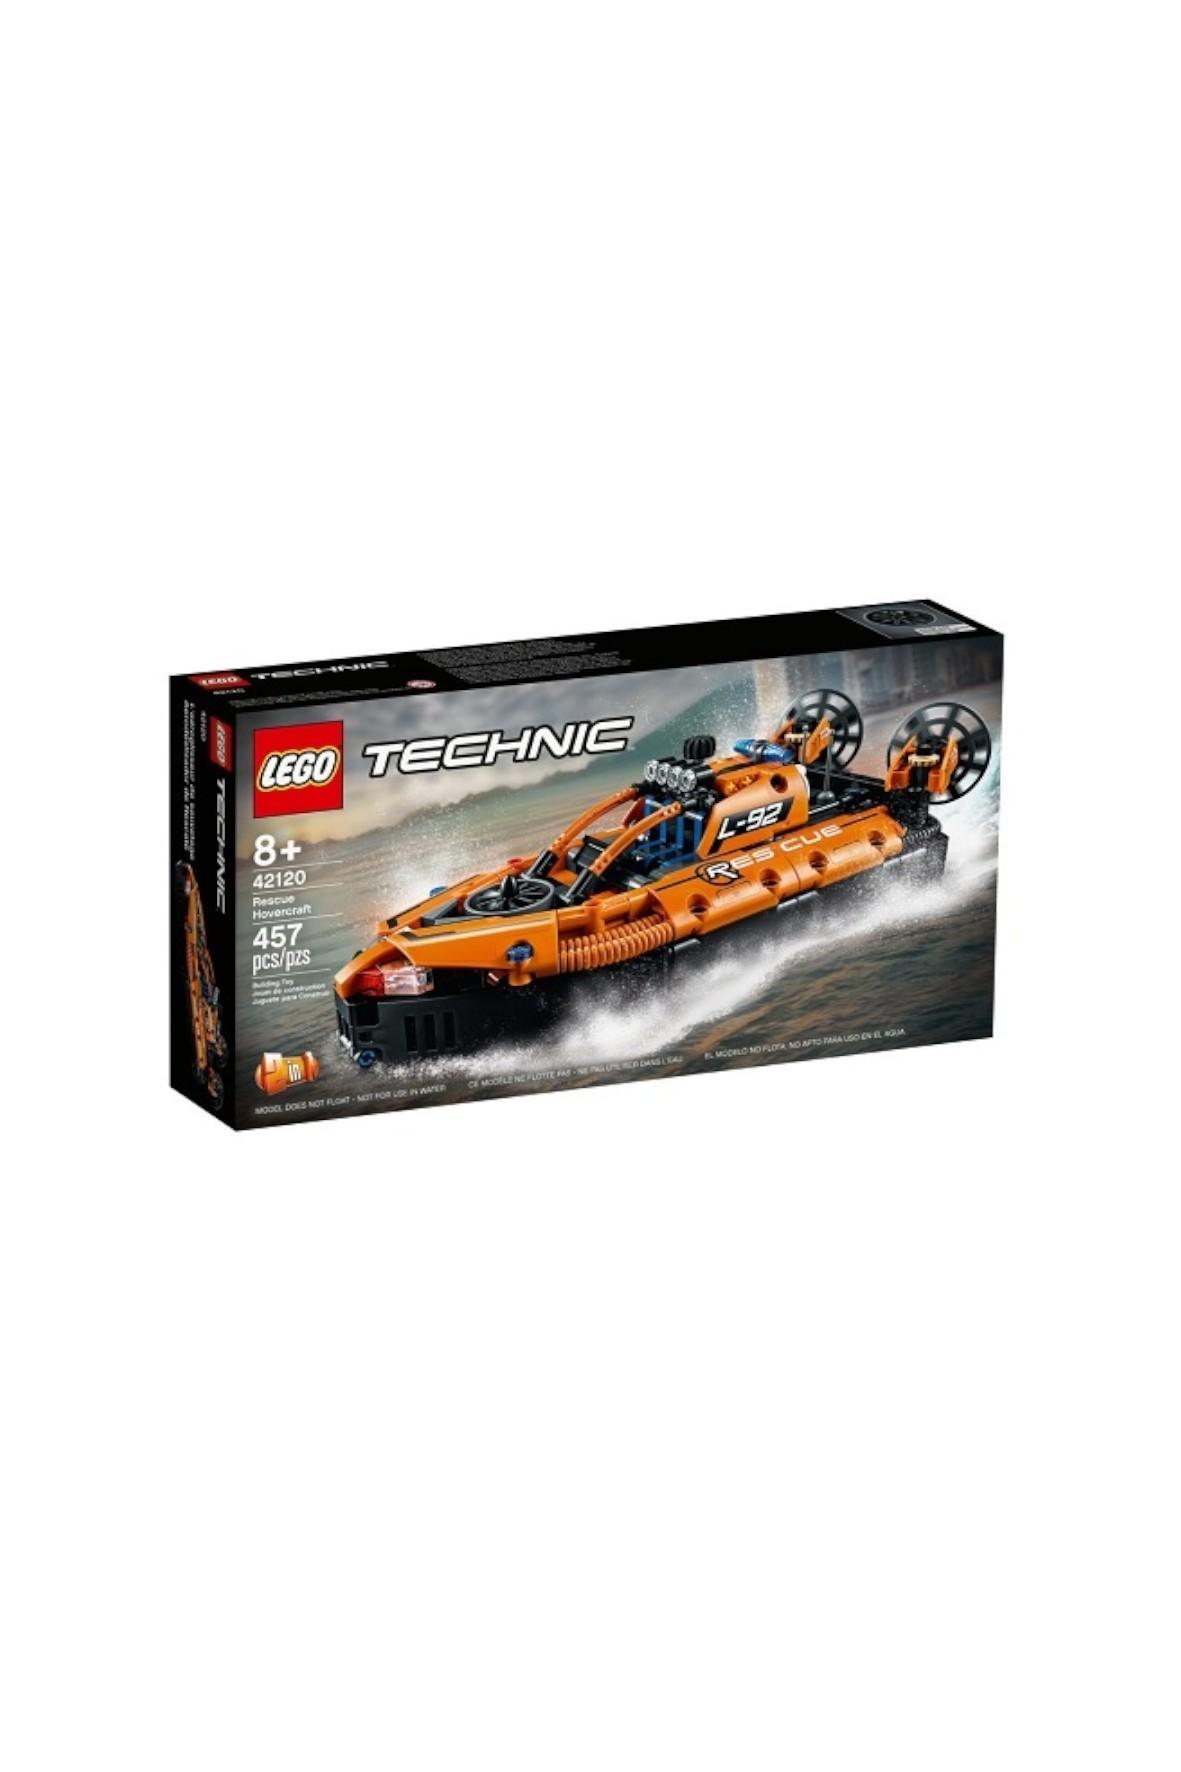 Klocki LEGO Technic - Poduszkowiec ratowniczy - 457 el wiek 8+